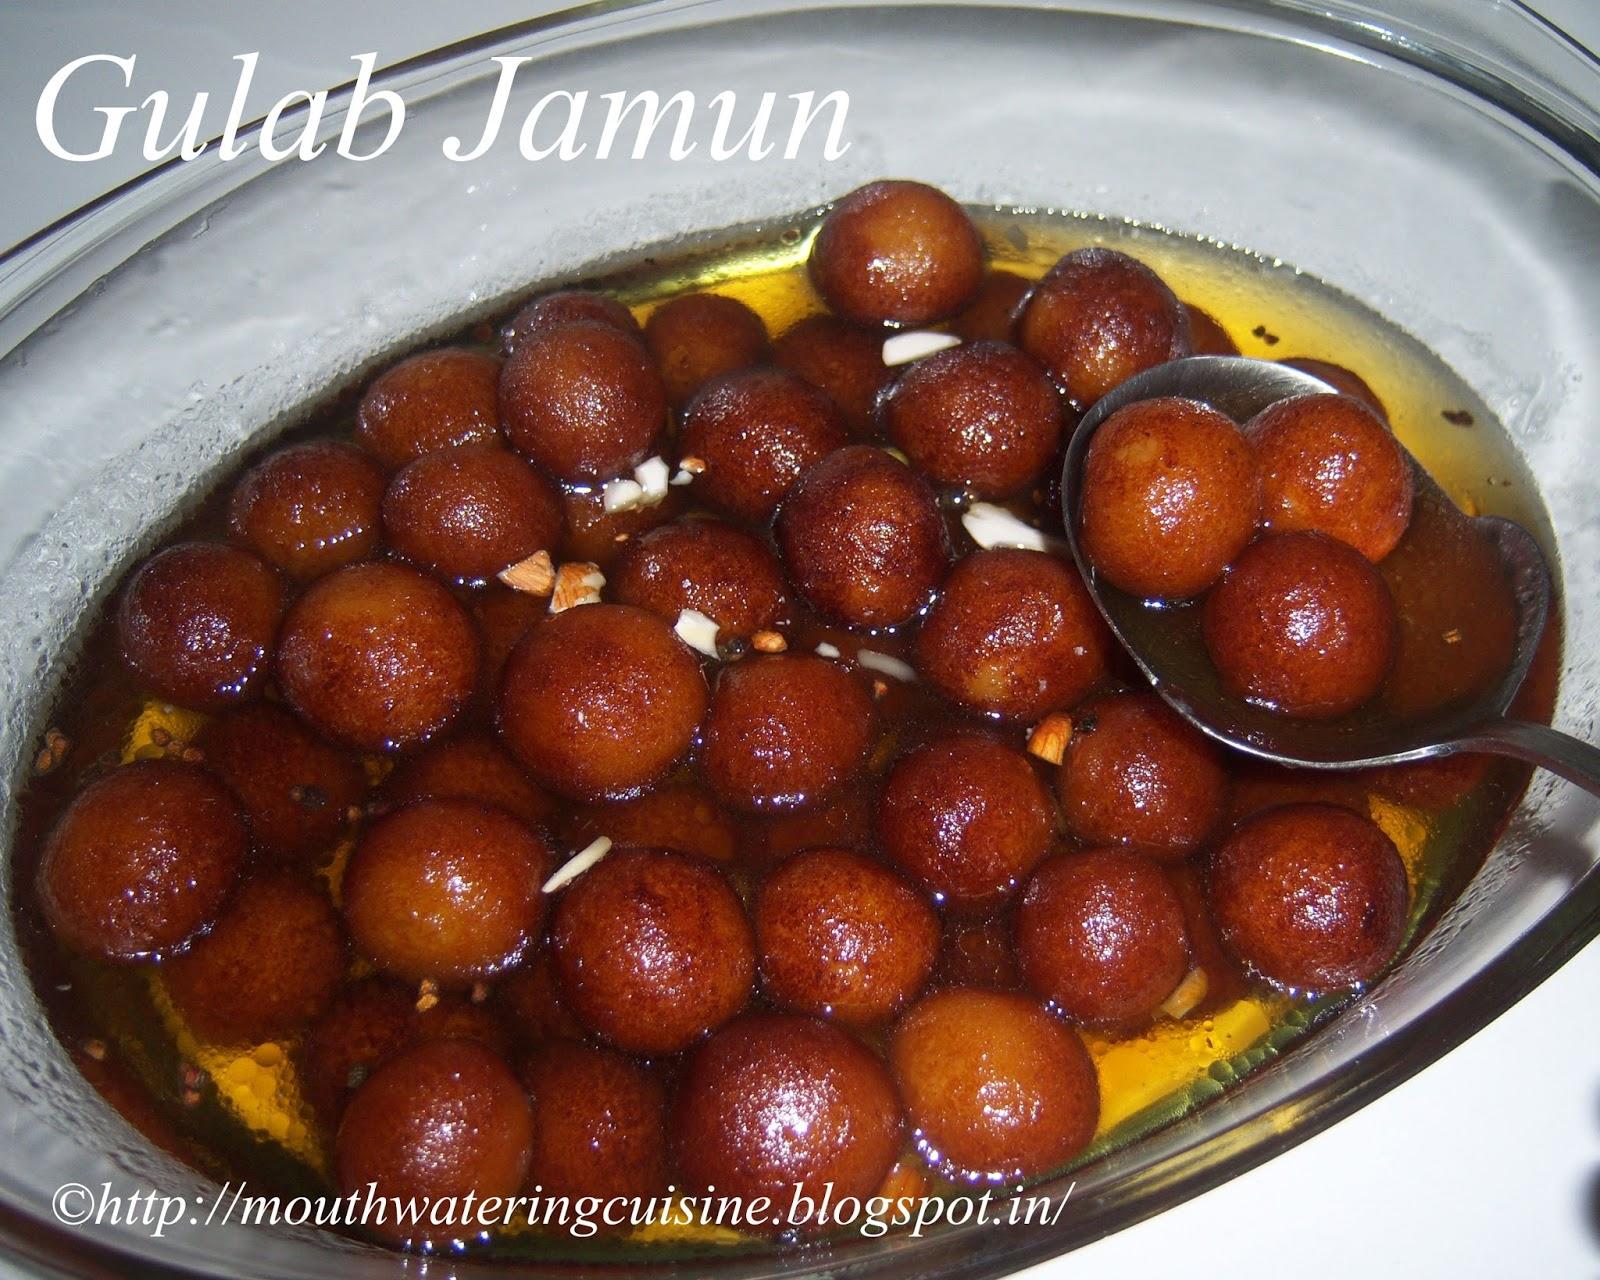 Gulab jamun recipe gulab jamun with khoya kova eat gulab jamun forumfinder Gallery